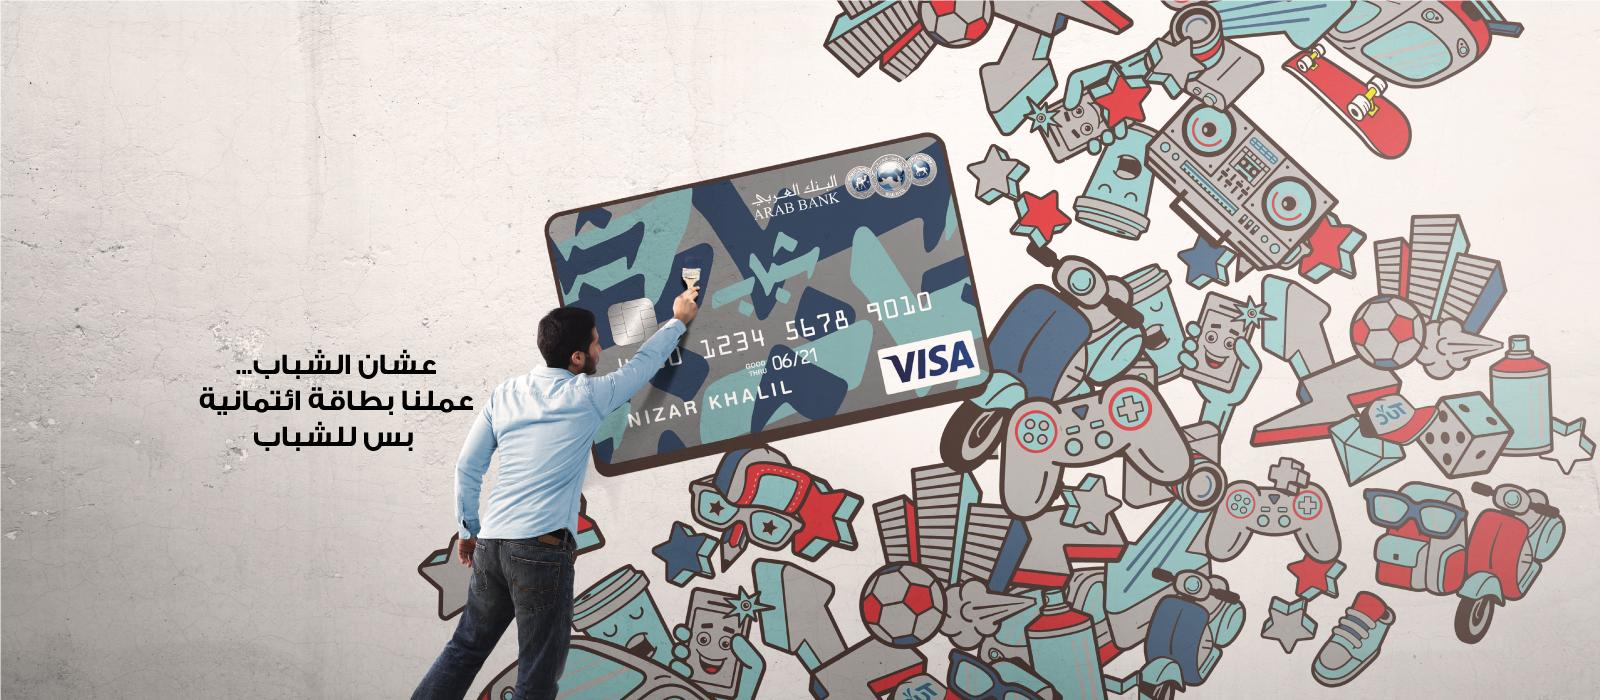 Shabab-Credit-Card-1600x700-amend3-A